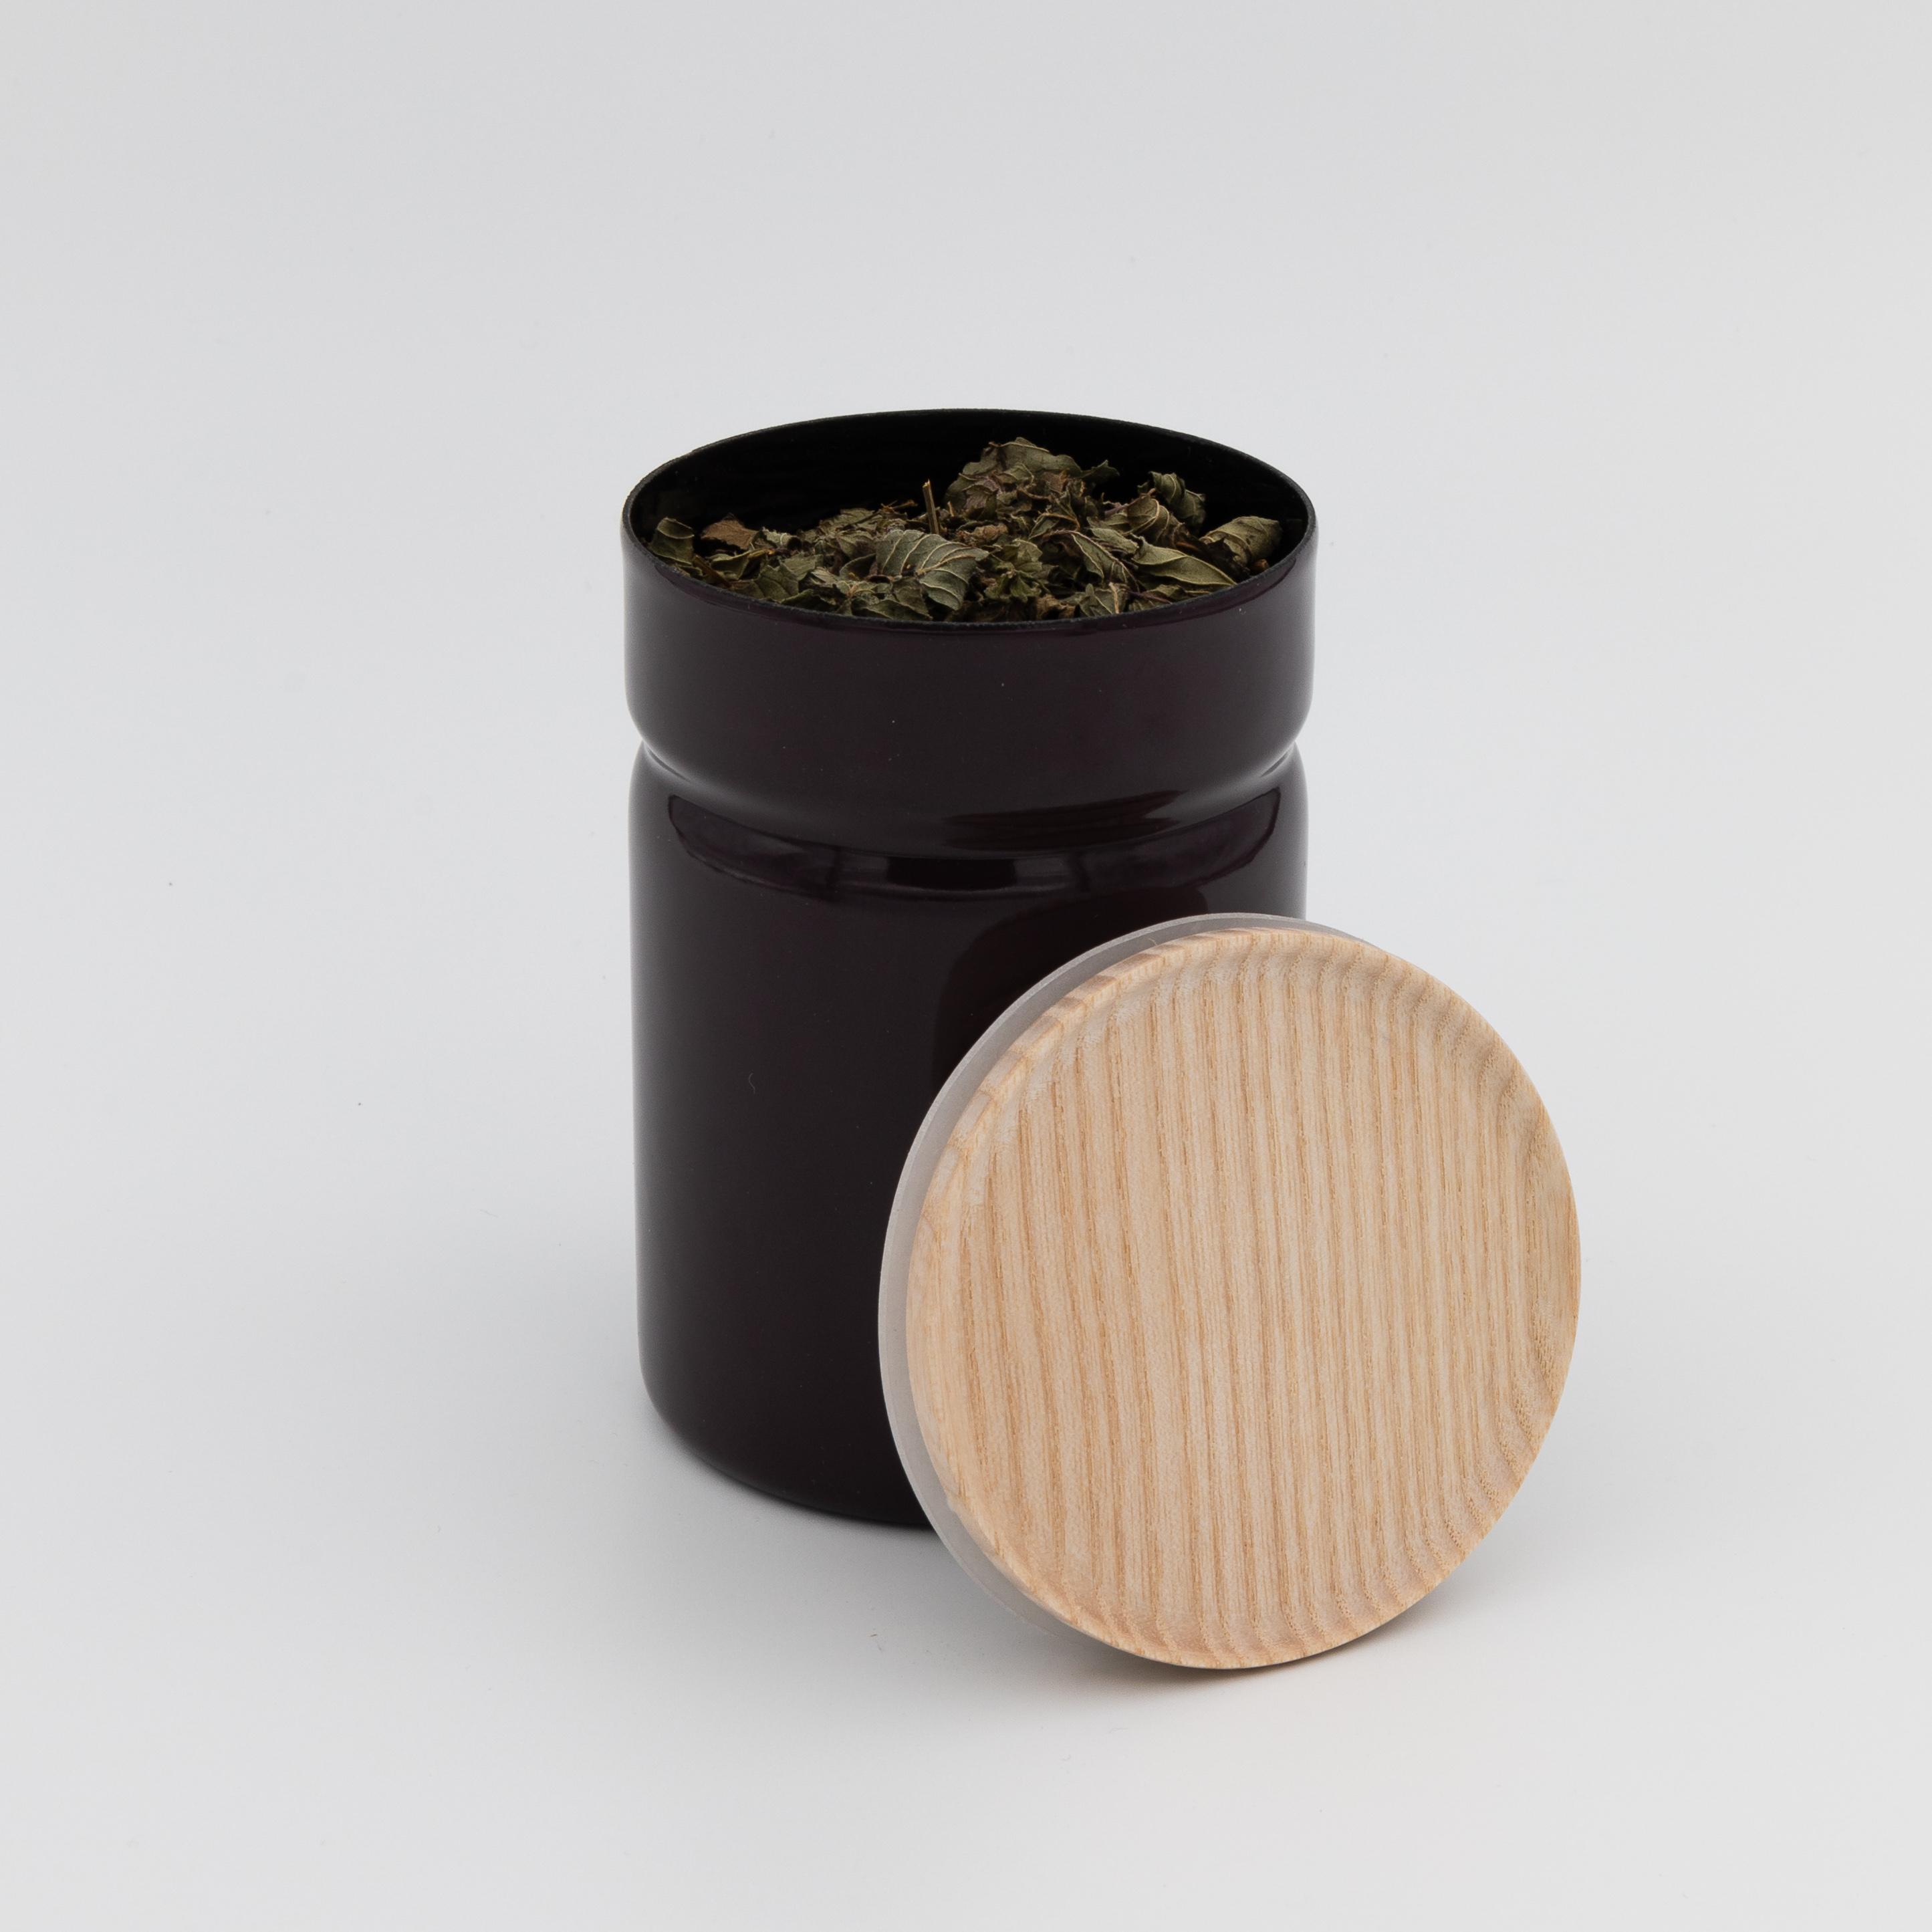 Geöffnete Vorratsdose in der Farbe Aubergine mit Holzdeckel.